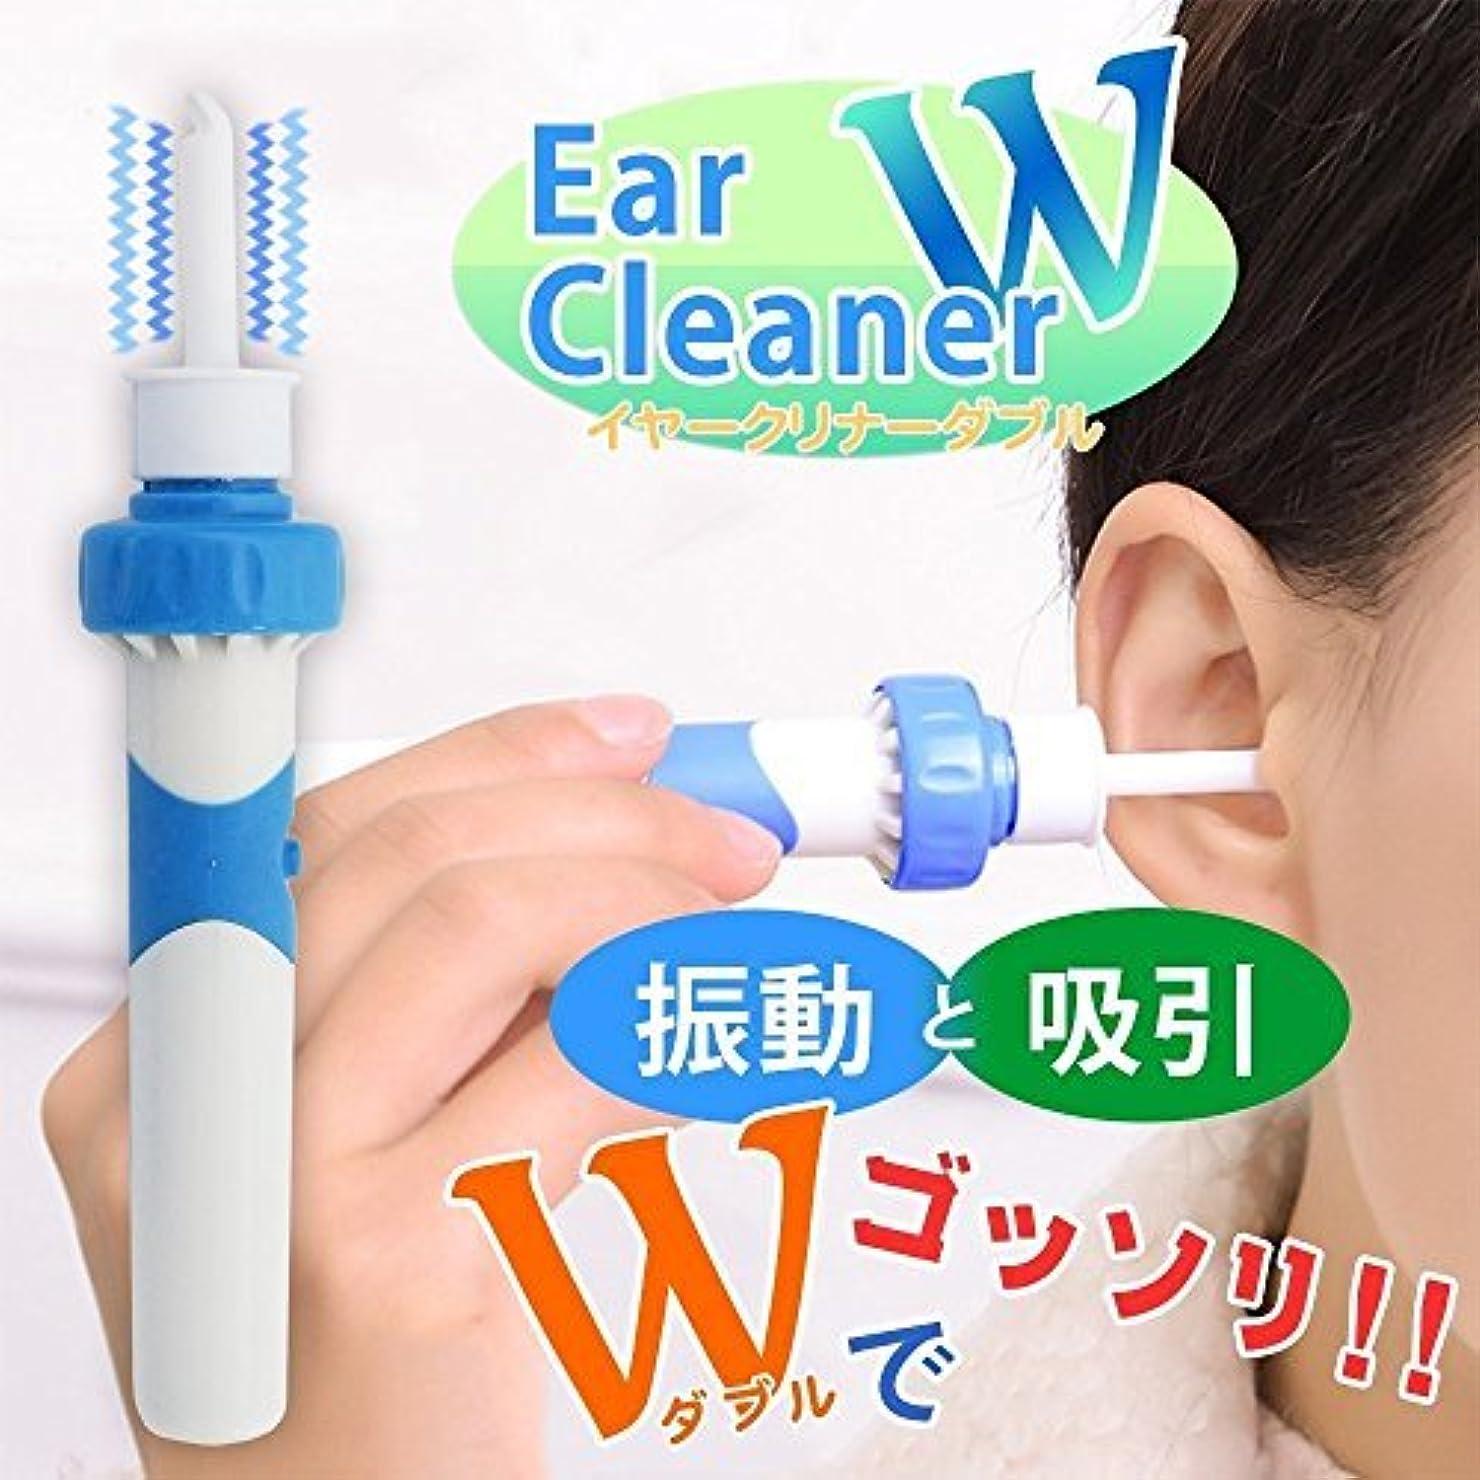 弾薬差サロンCHUI FEN 耳掃除機 電動耳掃除 耳クリーナー 耳掃除 みみそうじ 耳垢 吸引 耳あか吸引